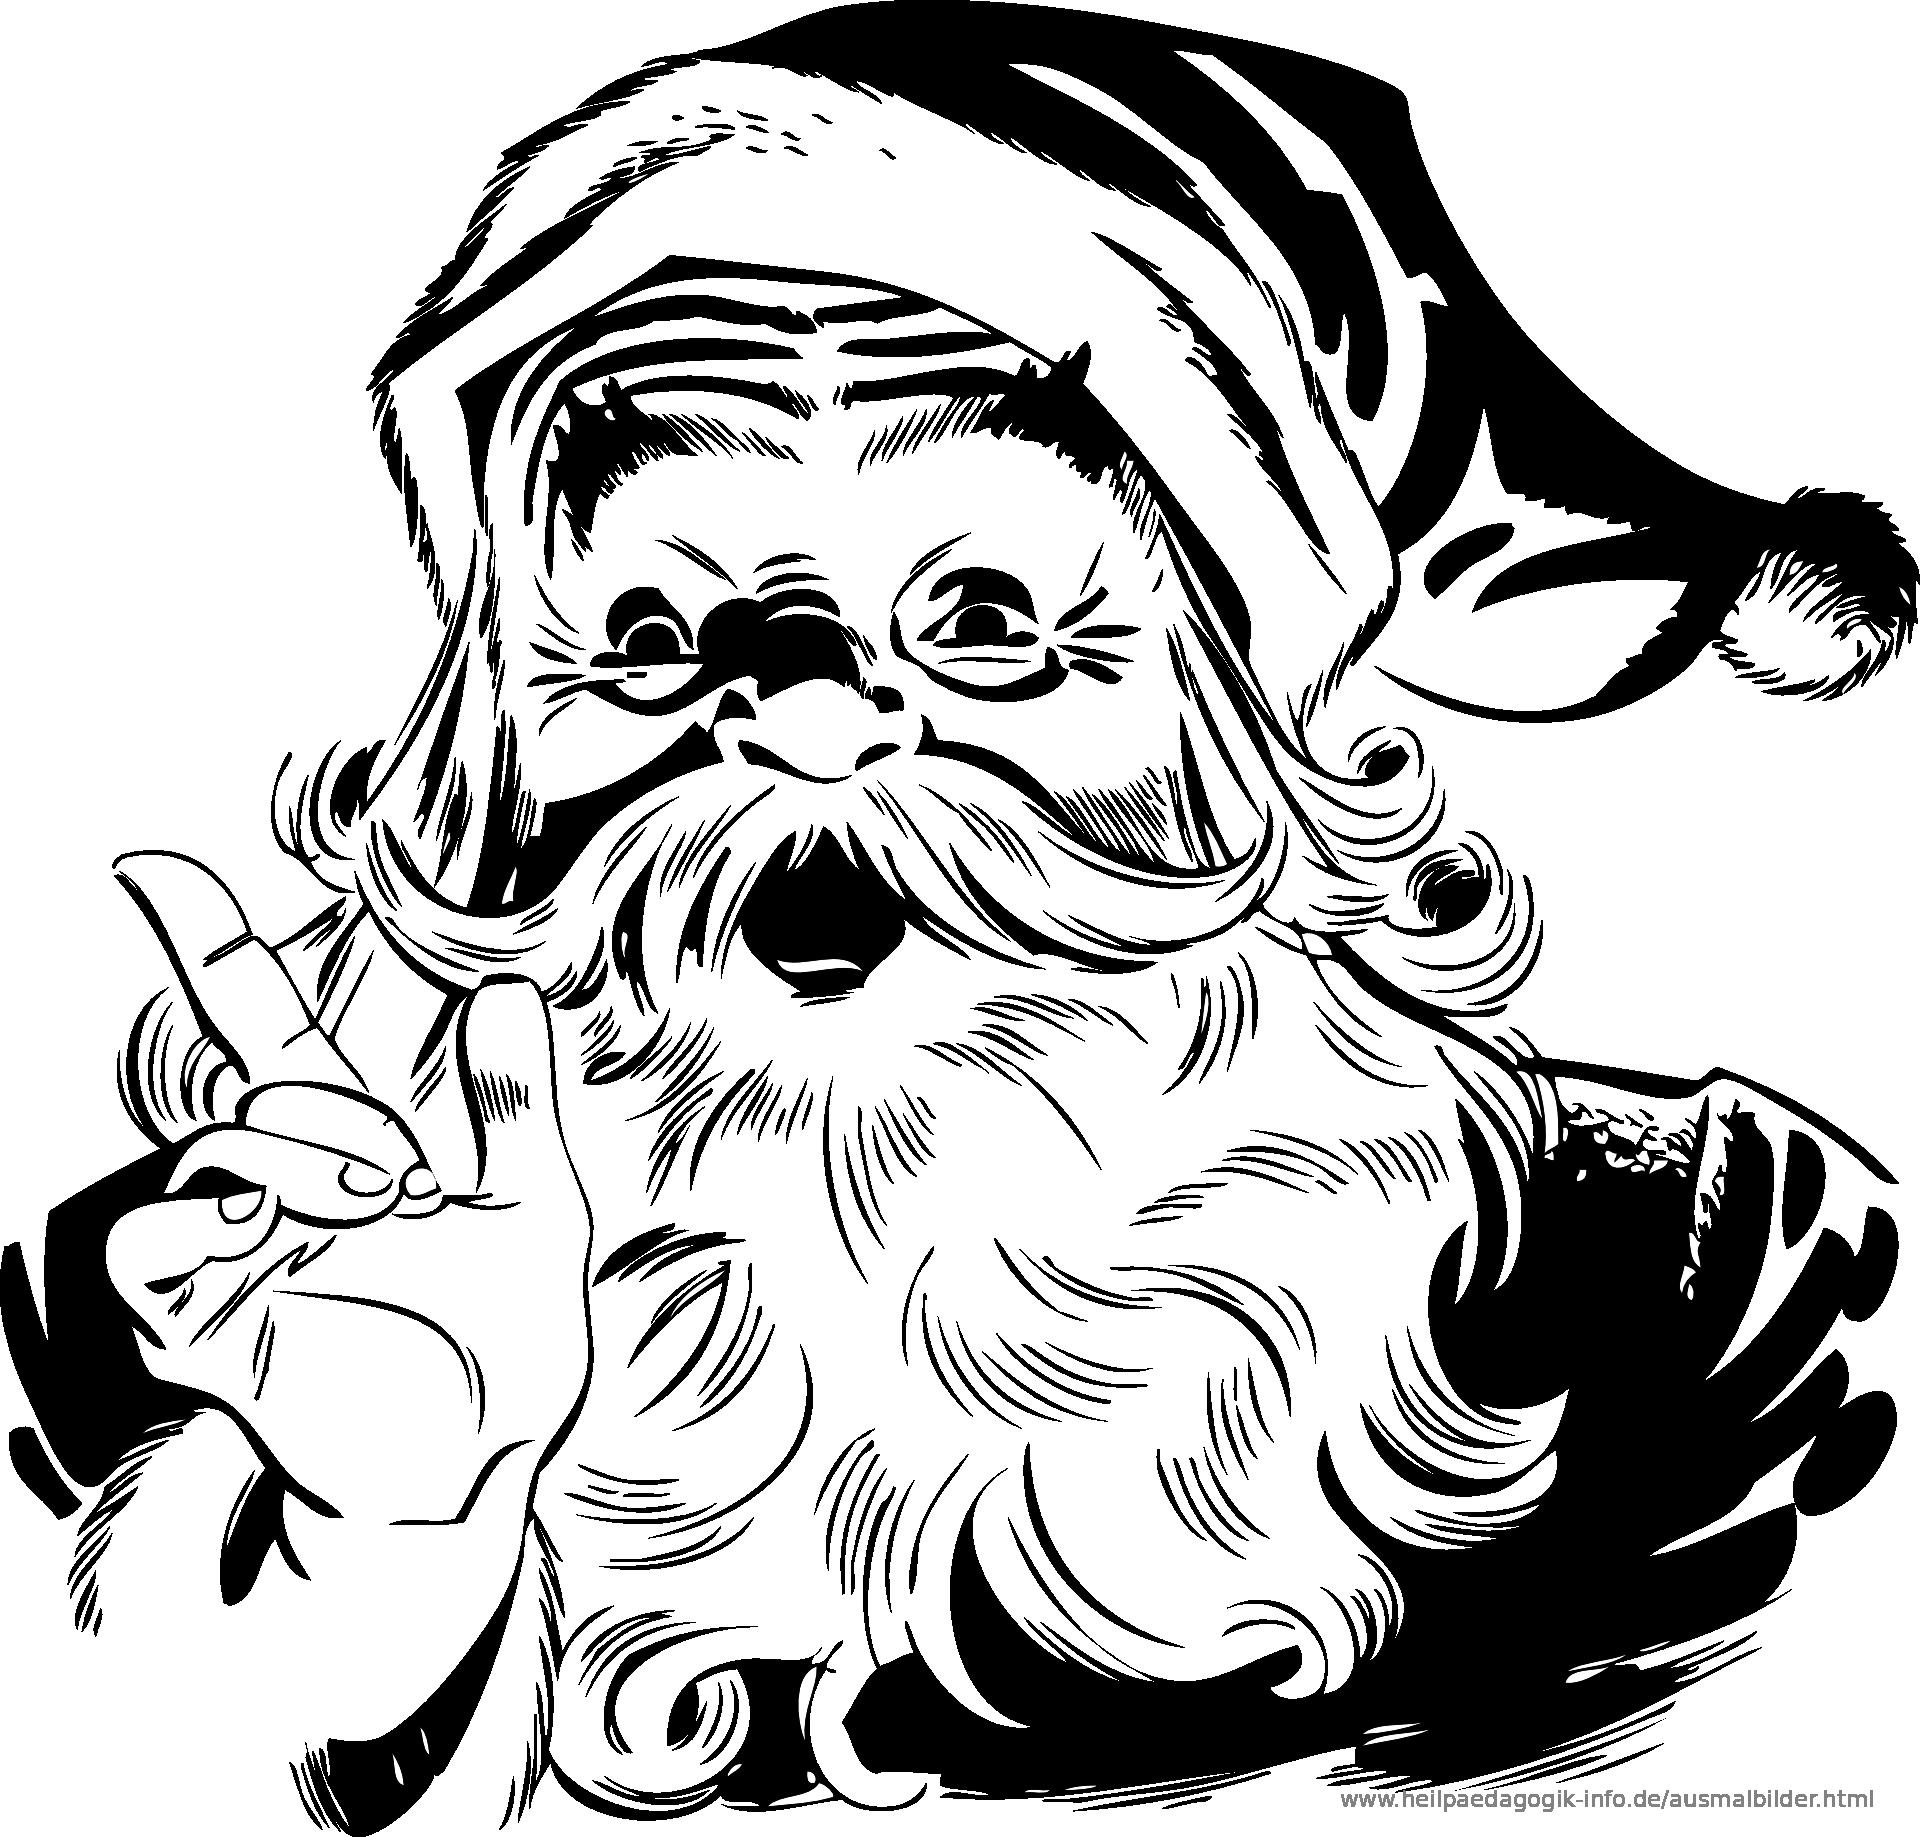 Ausmalbilder Für Kinder Weihnachten.Ausmalbilder Weihnachten